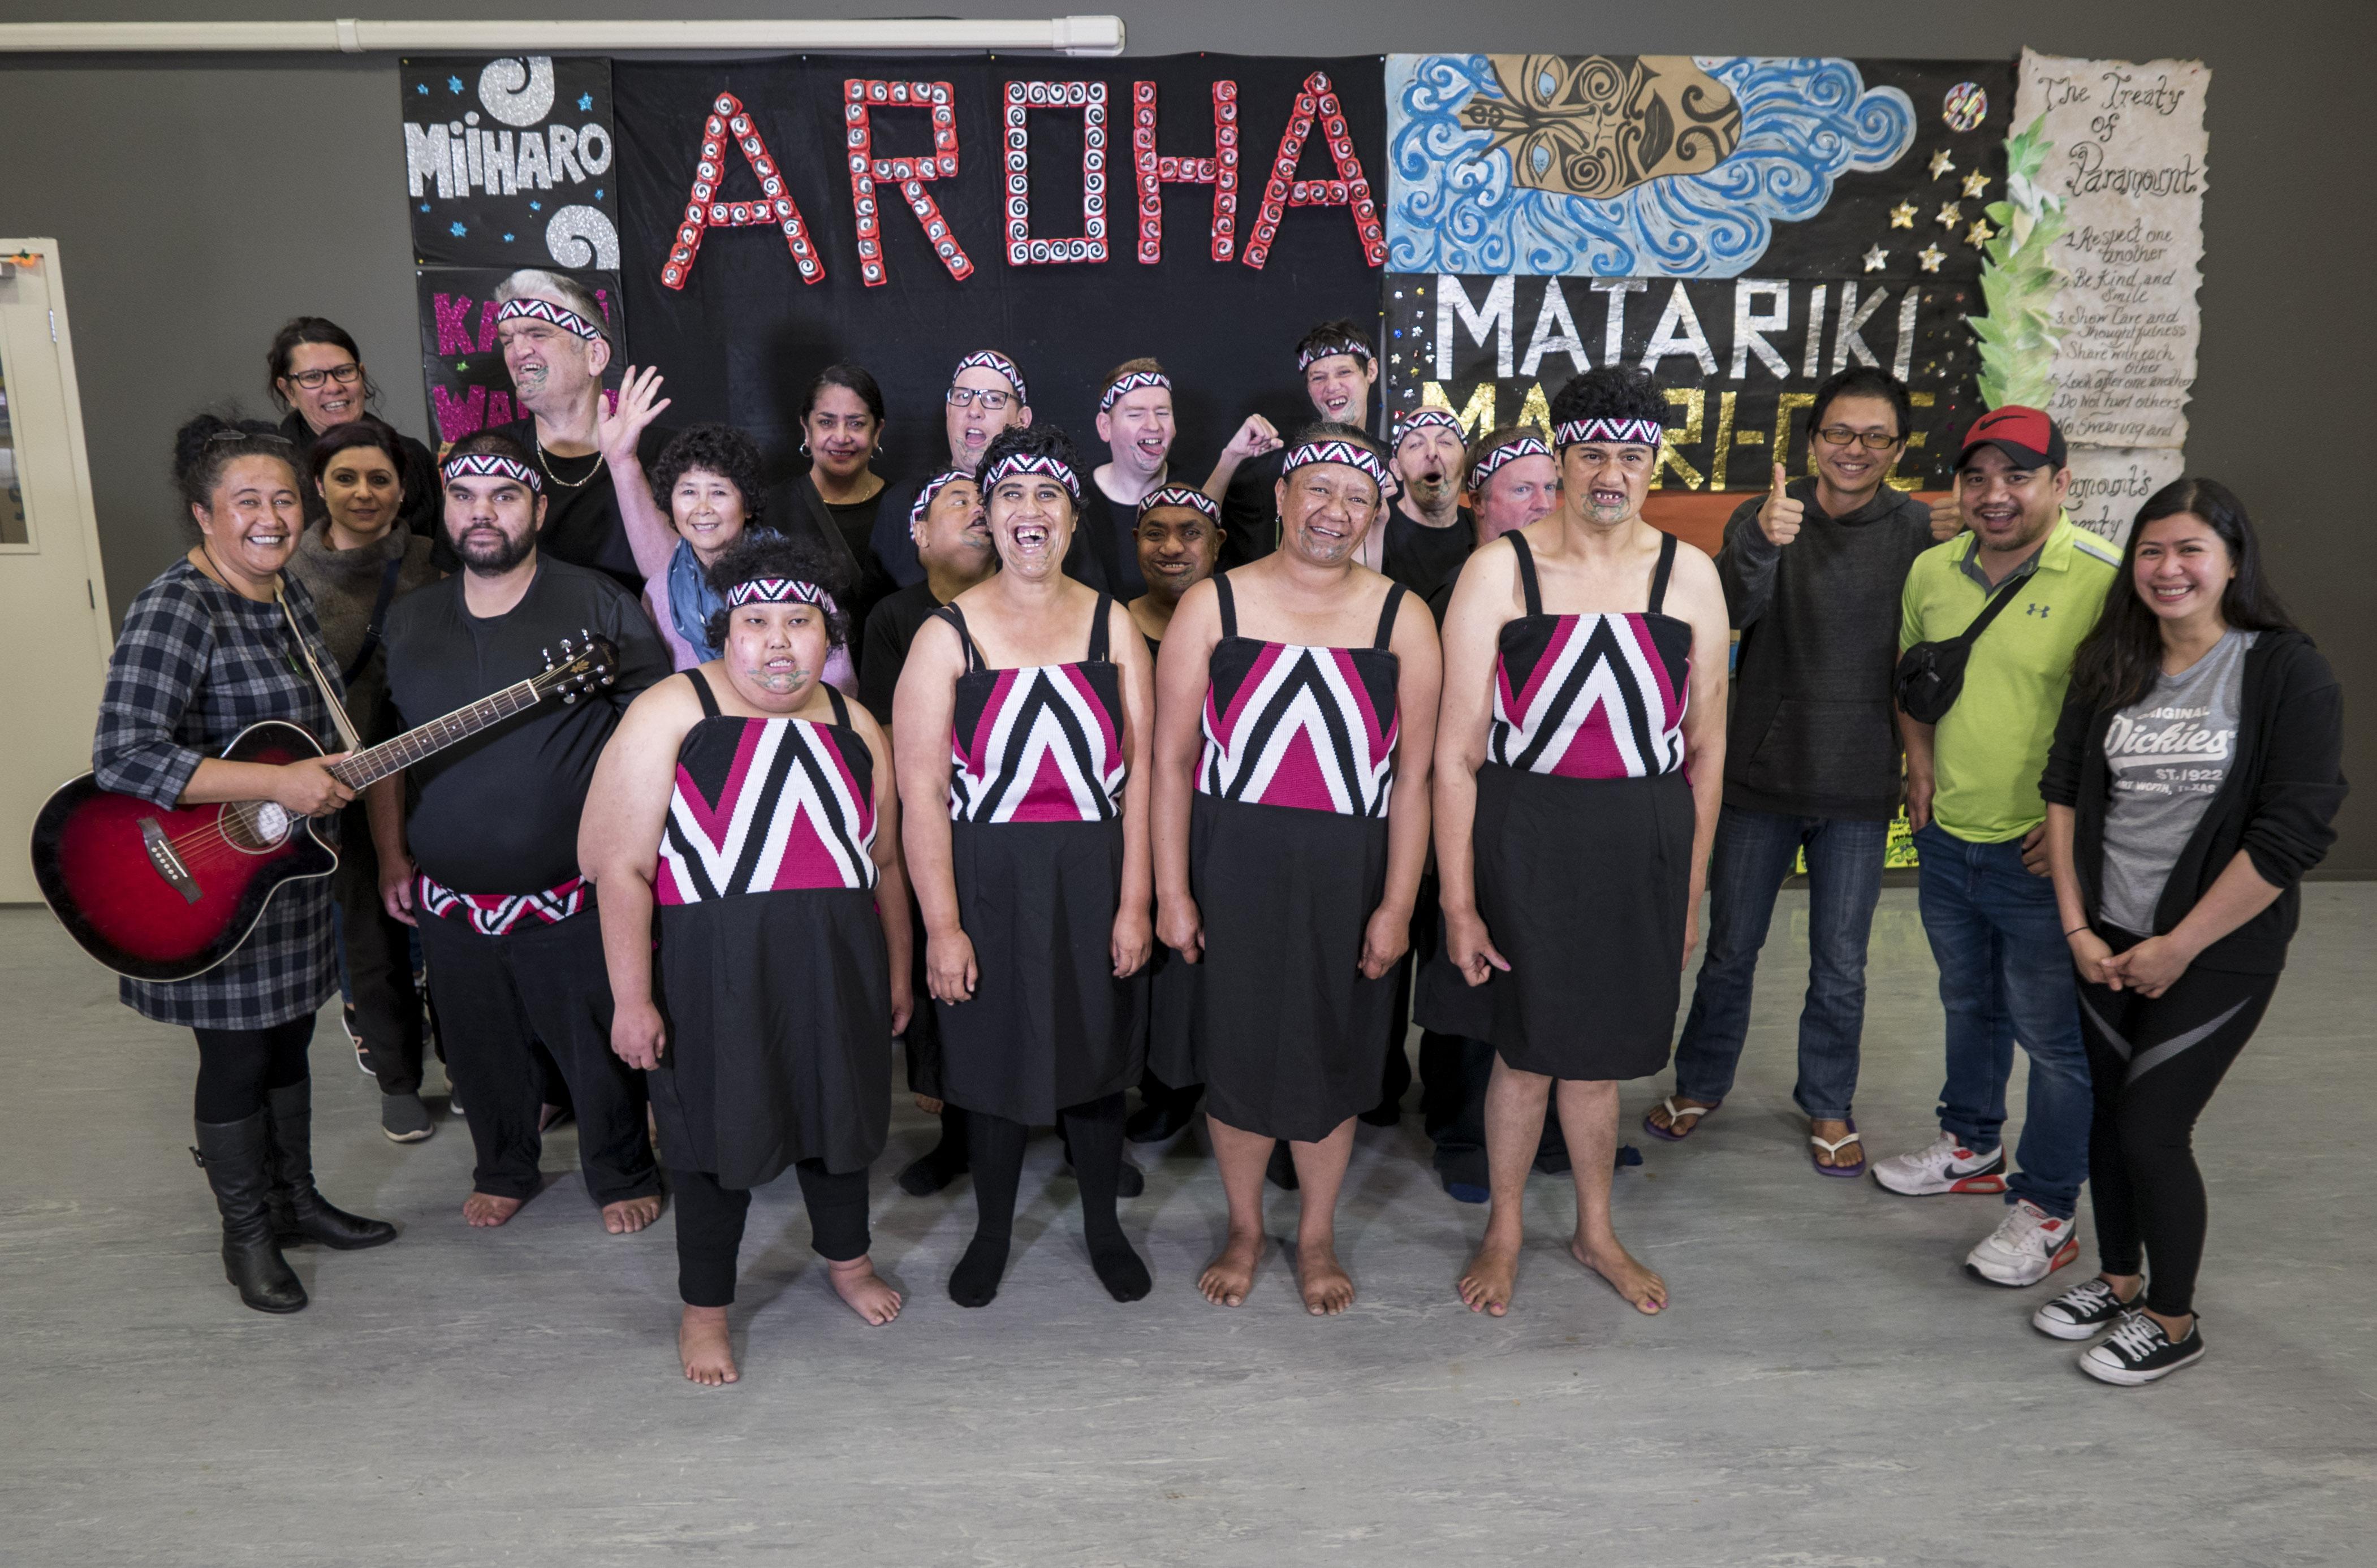 Te Rakipae Whenua Kapahaka Roopu from North Shore at the recording of their festival performance.